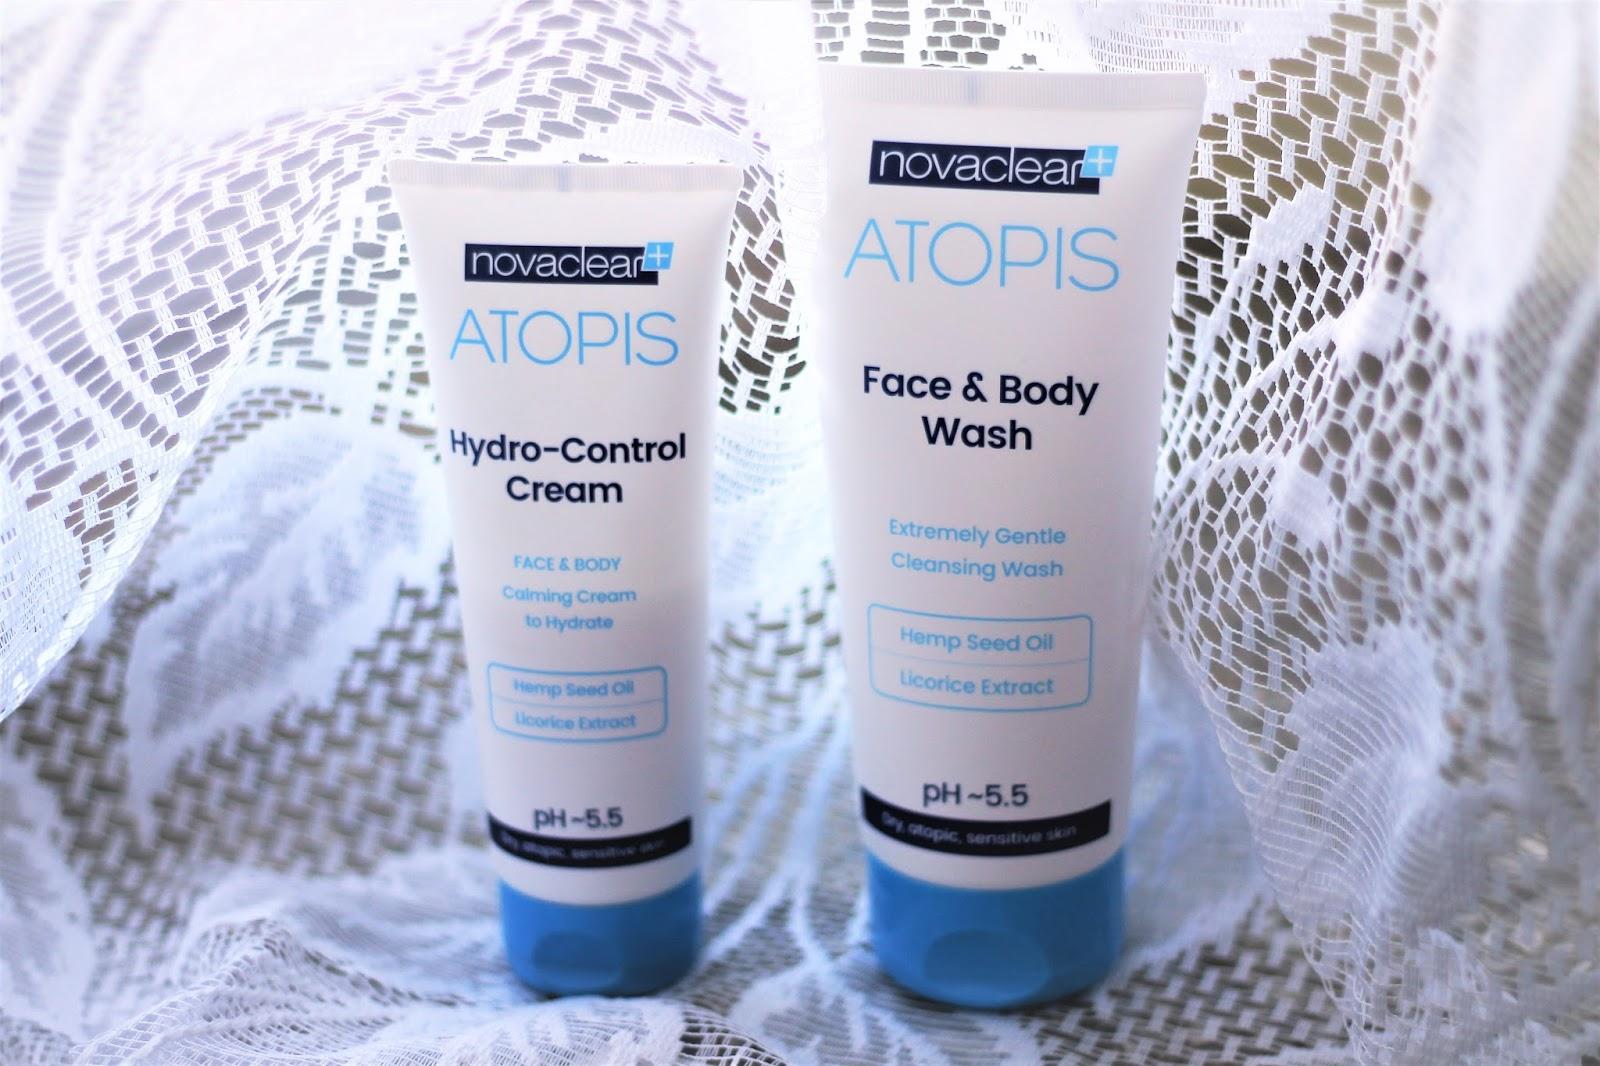 NovaClear ATOPIS -  czas pożegnać się z suchą skórą